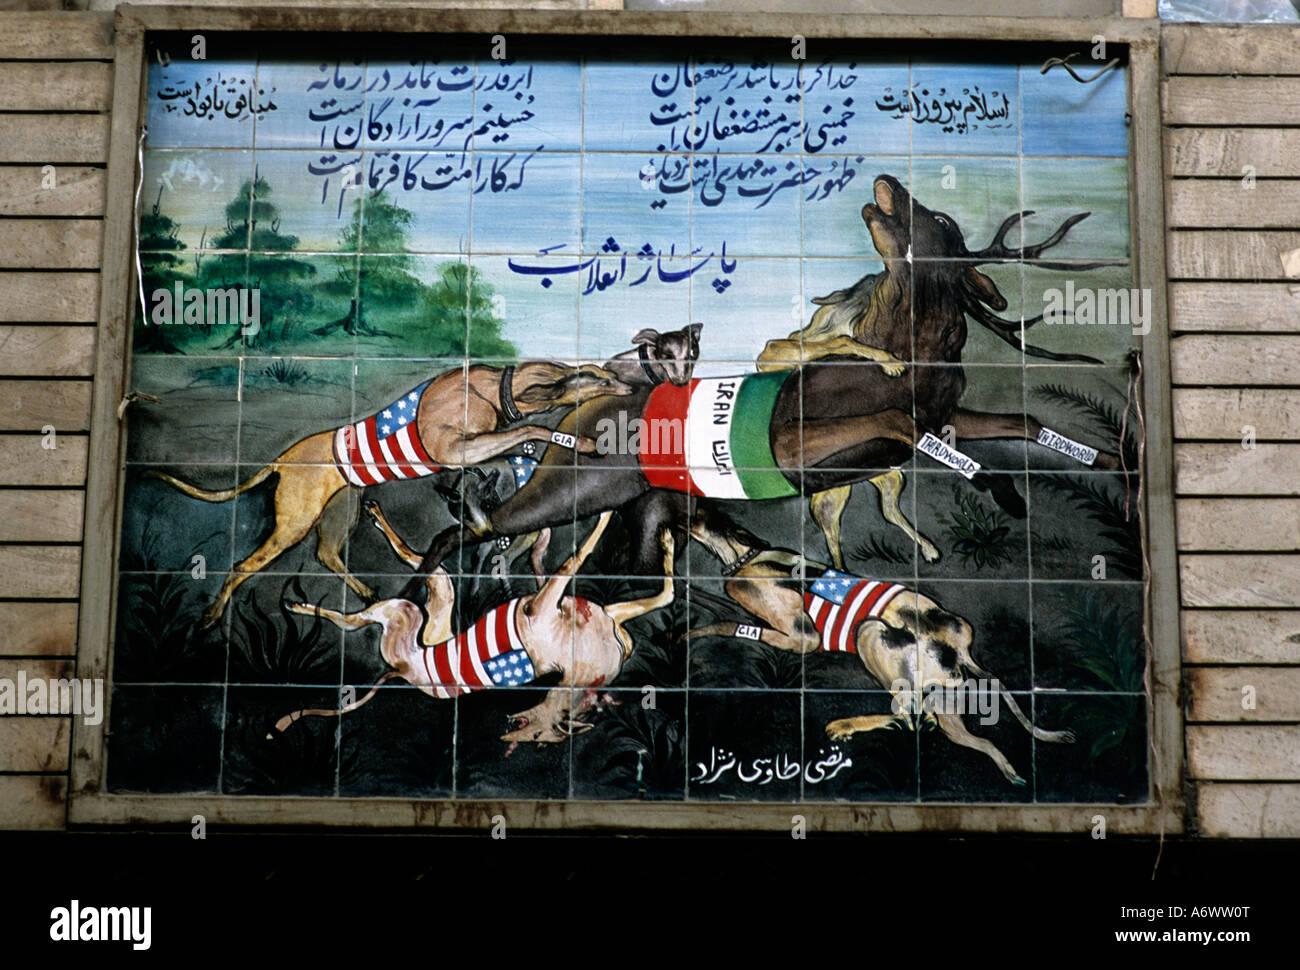 Iran: Esfahan anti US propaganda tile mural - Stock Image